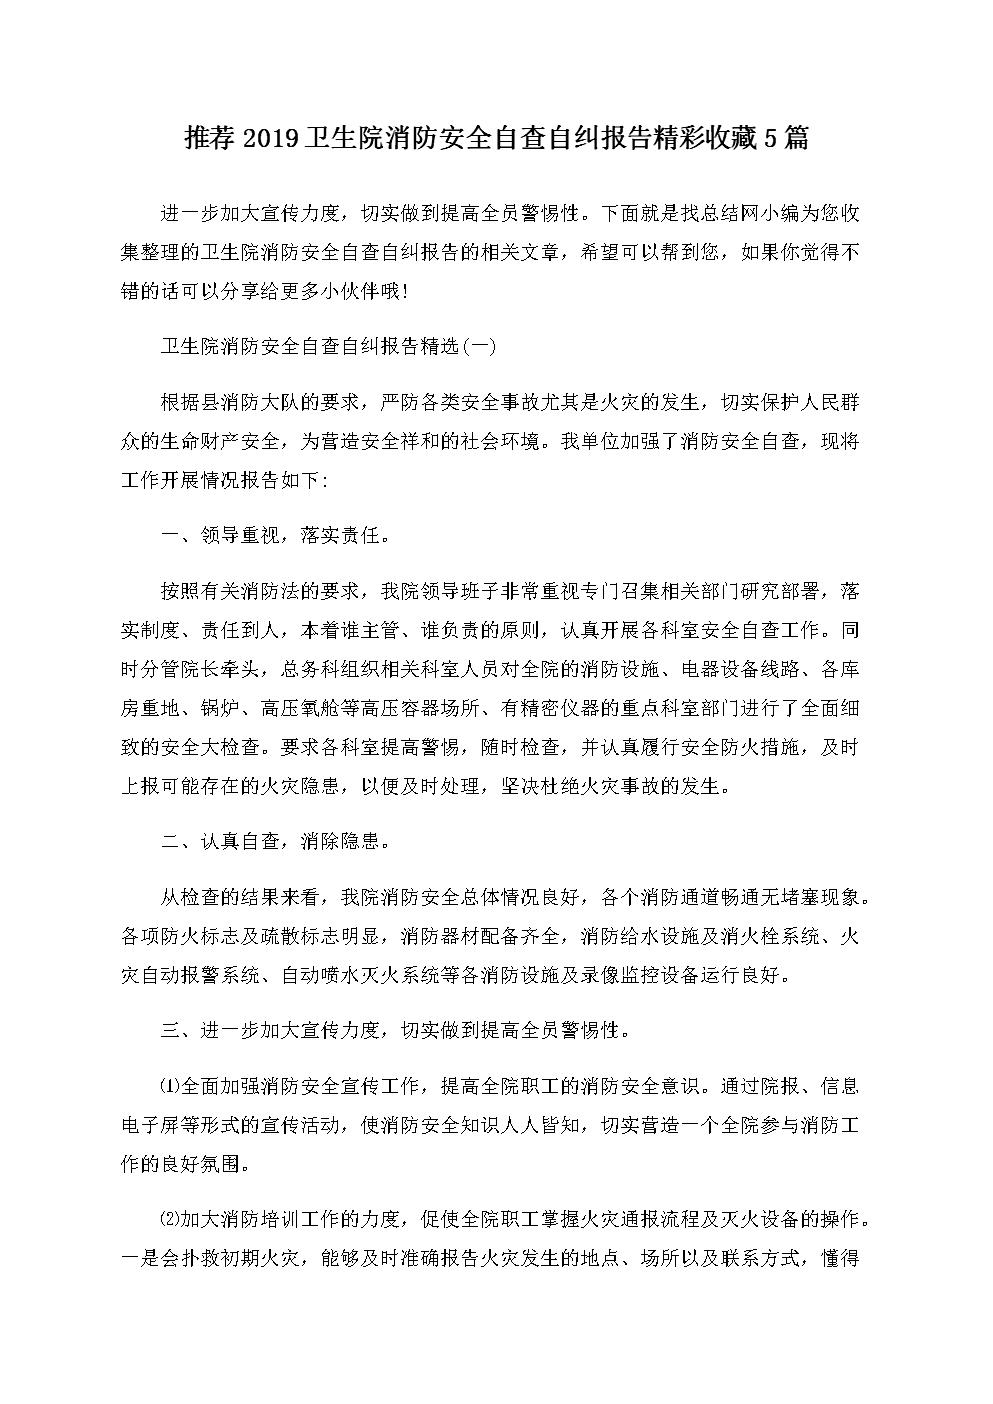 推荐2019卫生院消防安全自查自纠报告精彩收藏5篇.docx